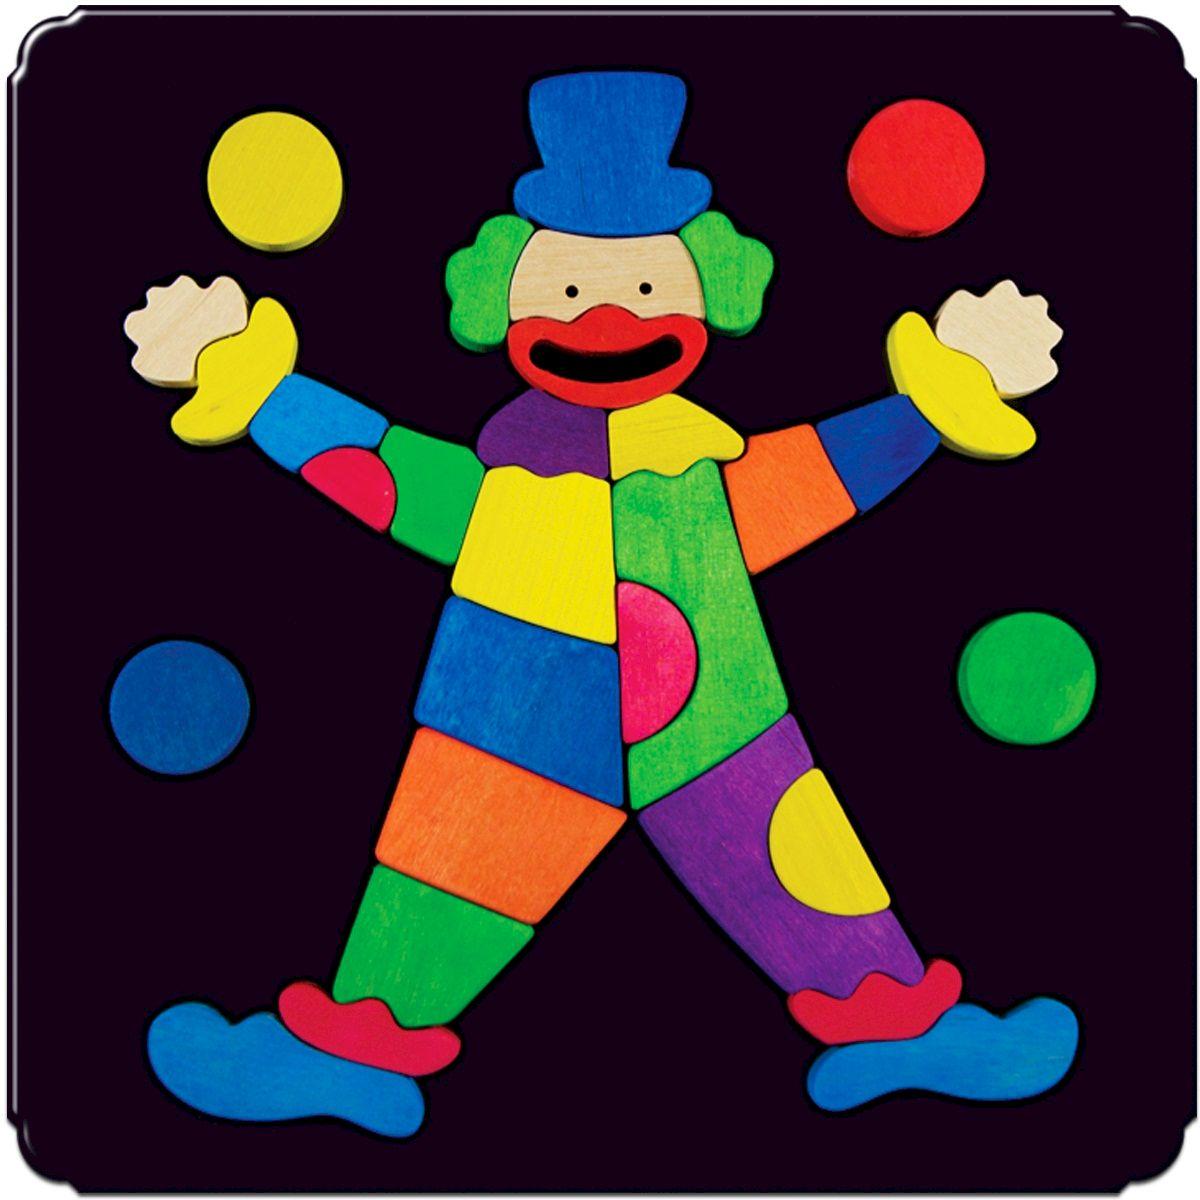 Деревяшкино Пазл для малышей Клоун 107107Красочная игрушка-головоломка из натурального дерева на магнитной доске. Незаменима в машине, поездке – в любом месте, где Вашему малышу удобно играть. Удивительный мир ярких красок и фантазий везде с Вами! Каждая деталька мозаики крепко держится на магнитной доске. Ваш юный фантазер сможет не только решить сложную задачу: собрать головоломку как на картинке, но и, используя фантазию, сможет создать уникальные и неповторимые композиции. Объединяйте несколько наборов – будет интереснее! Все детали выполнены из натурального дерева, окрашены безопасной пищевой краской. Деревянные игрушки дают возможность ощутить структуру, плотность, вес, запах материала. Ребенок получает правдивую информацию об окружающем мире. Развивает: мелкую моторику, абстрактное и логическое мышление, понимание цветов, геометрических форм. Методические рекомендации: объясните малышу почему детальки держатся на доске. Объясните как правильно собрать мозаику, но не помогайте в трудных местах. Попросите ребенка...